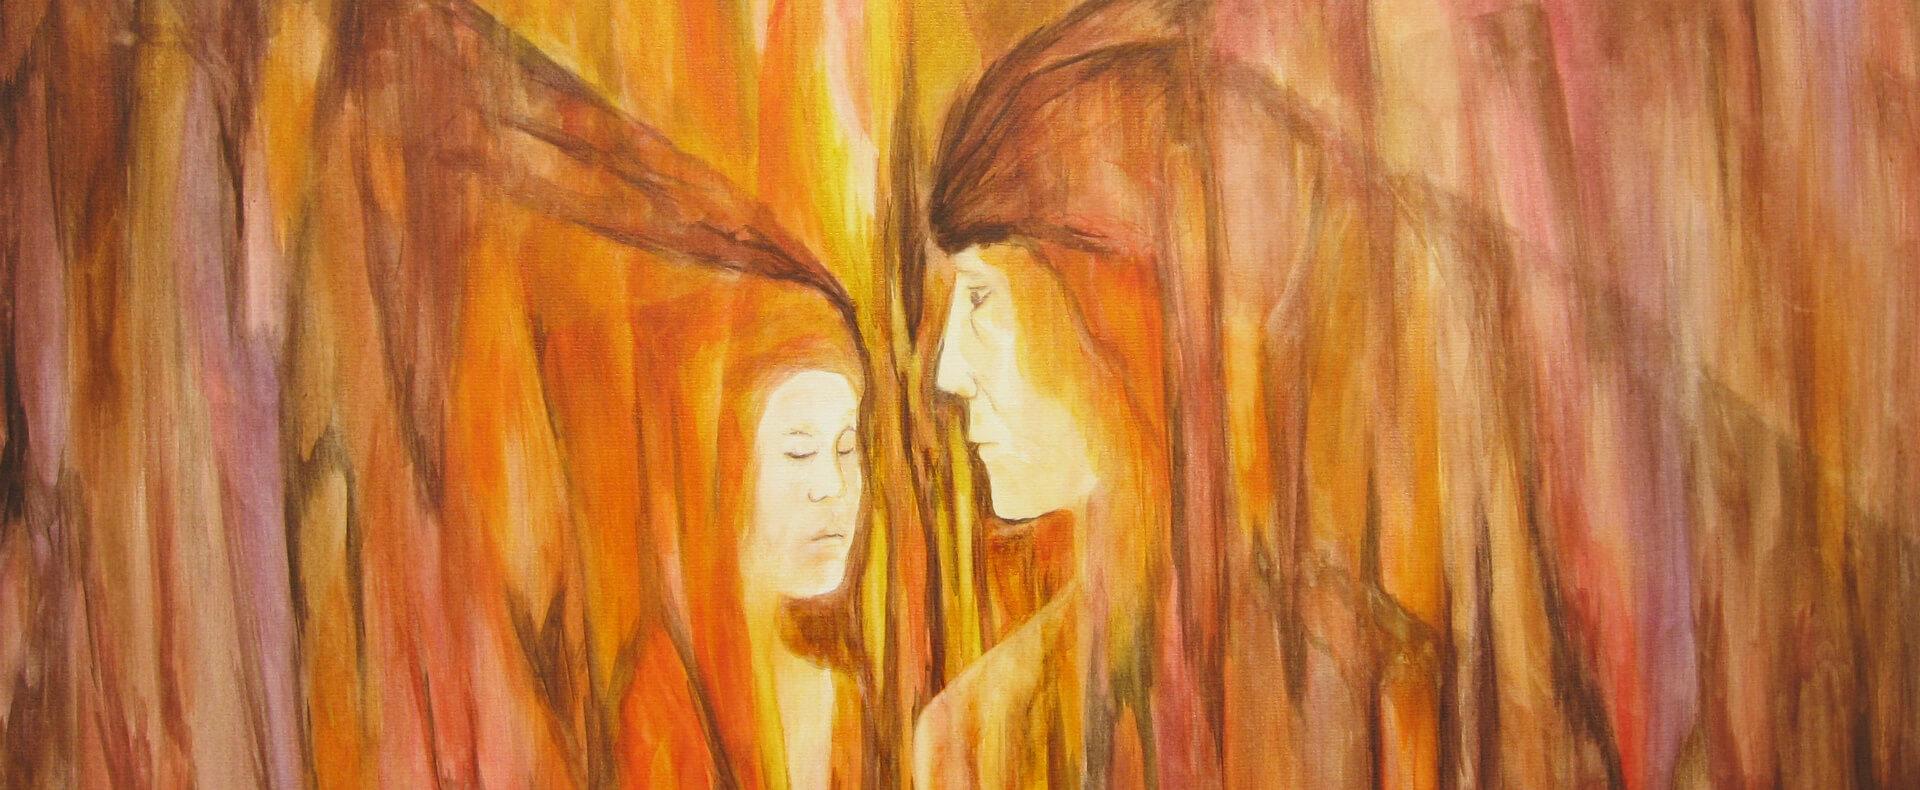 גבר ואישה לאור מדע הרוח